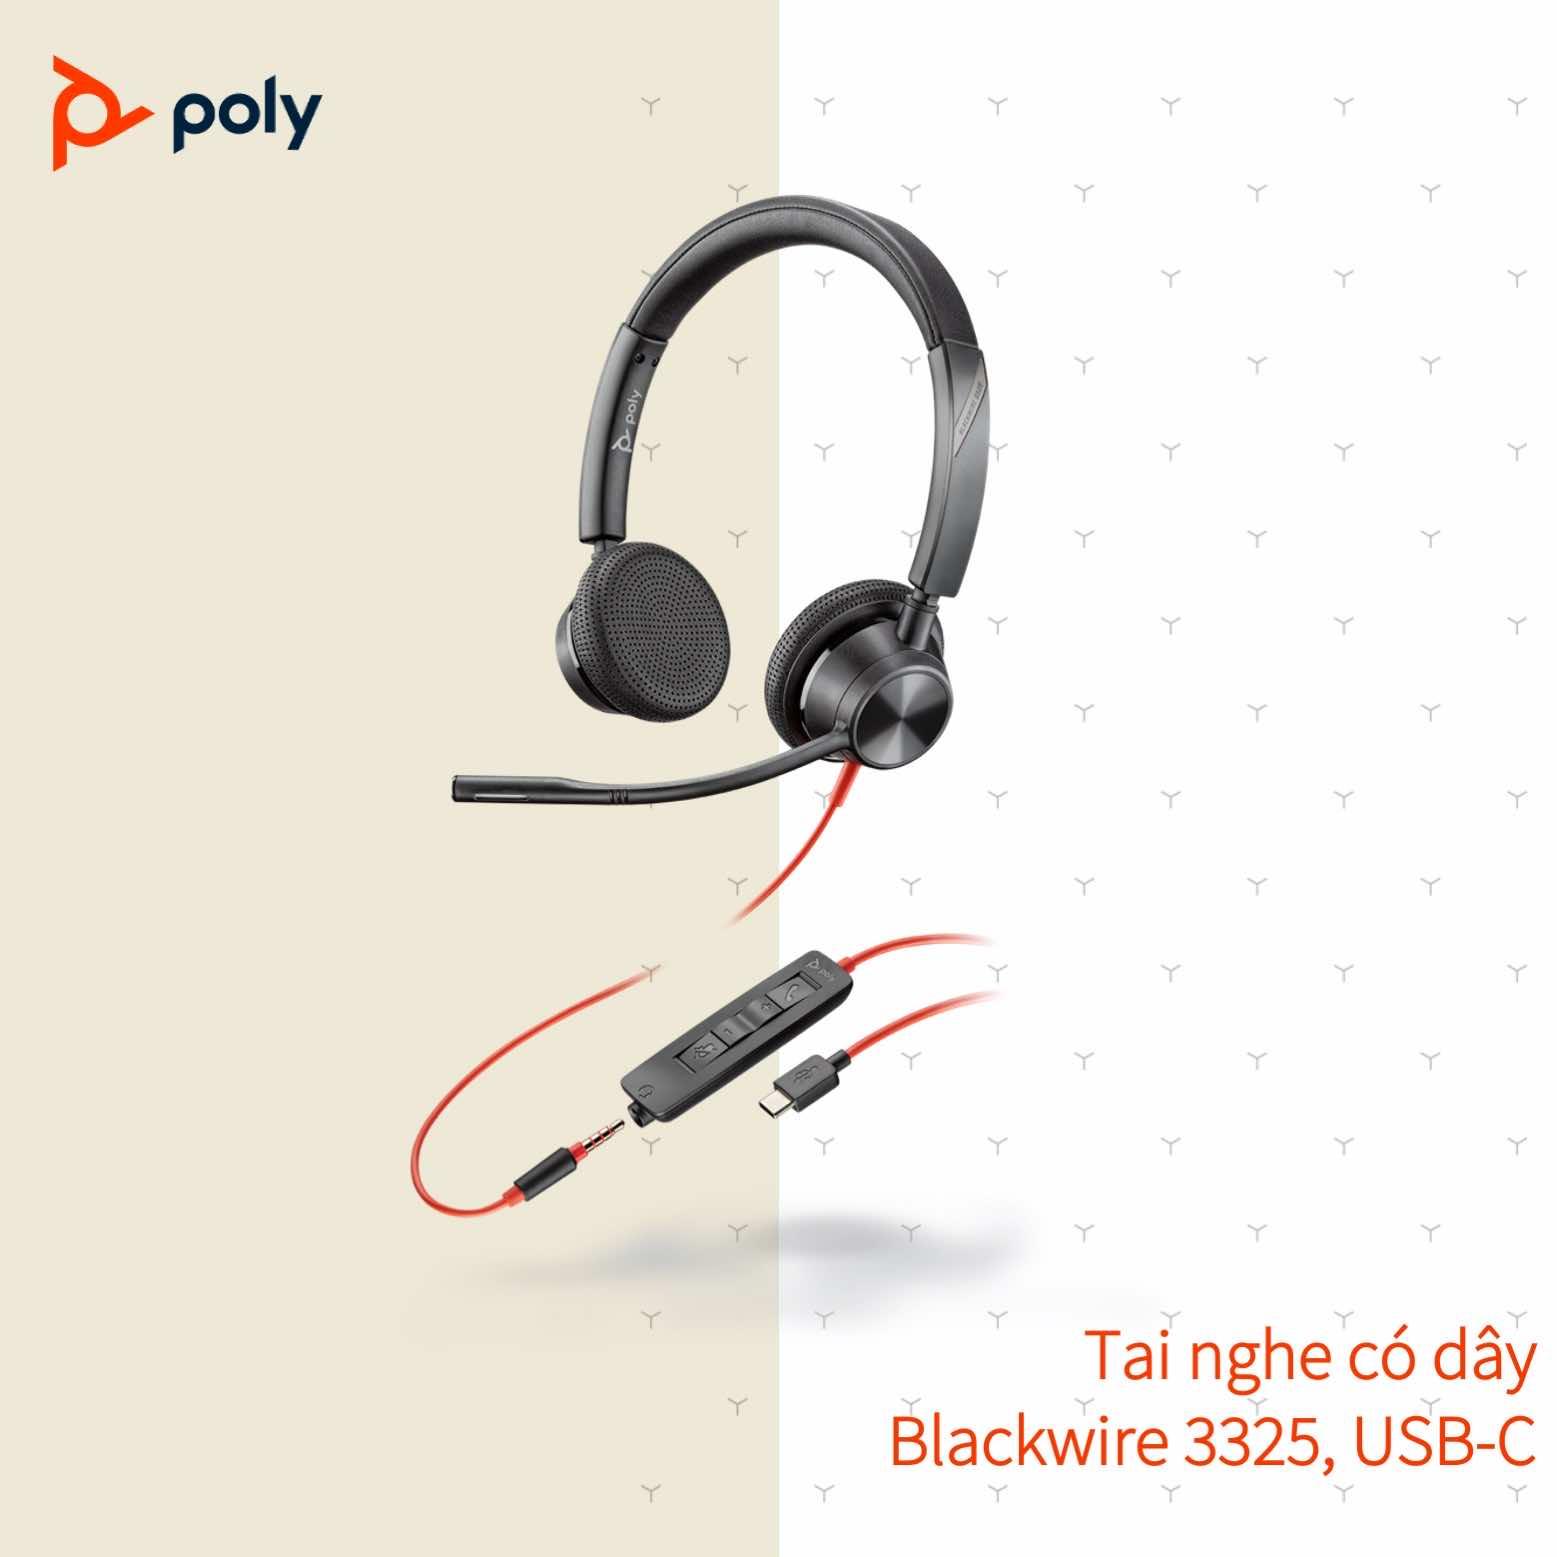 Tai nghe có dây Poly-Plantronics Blackwire 3325 USB Type A/C